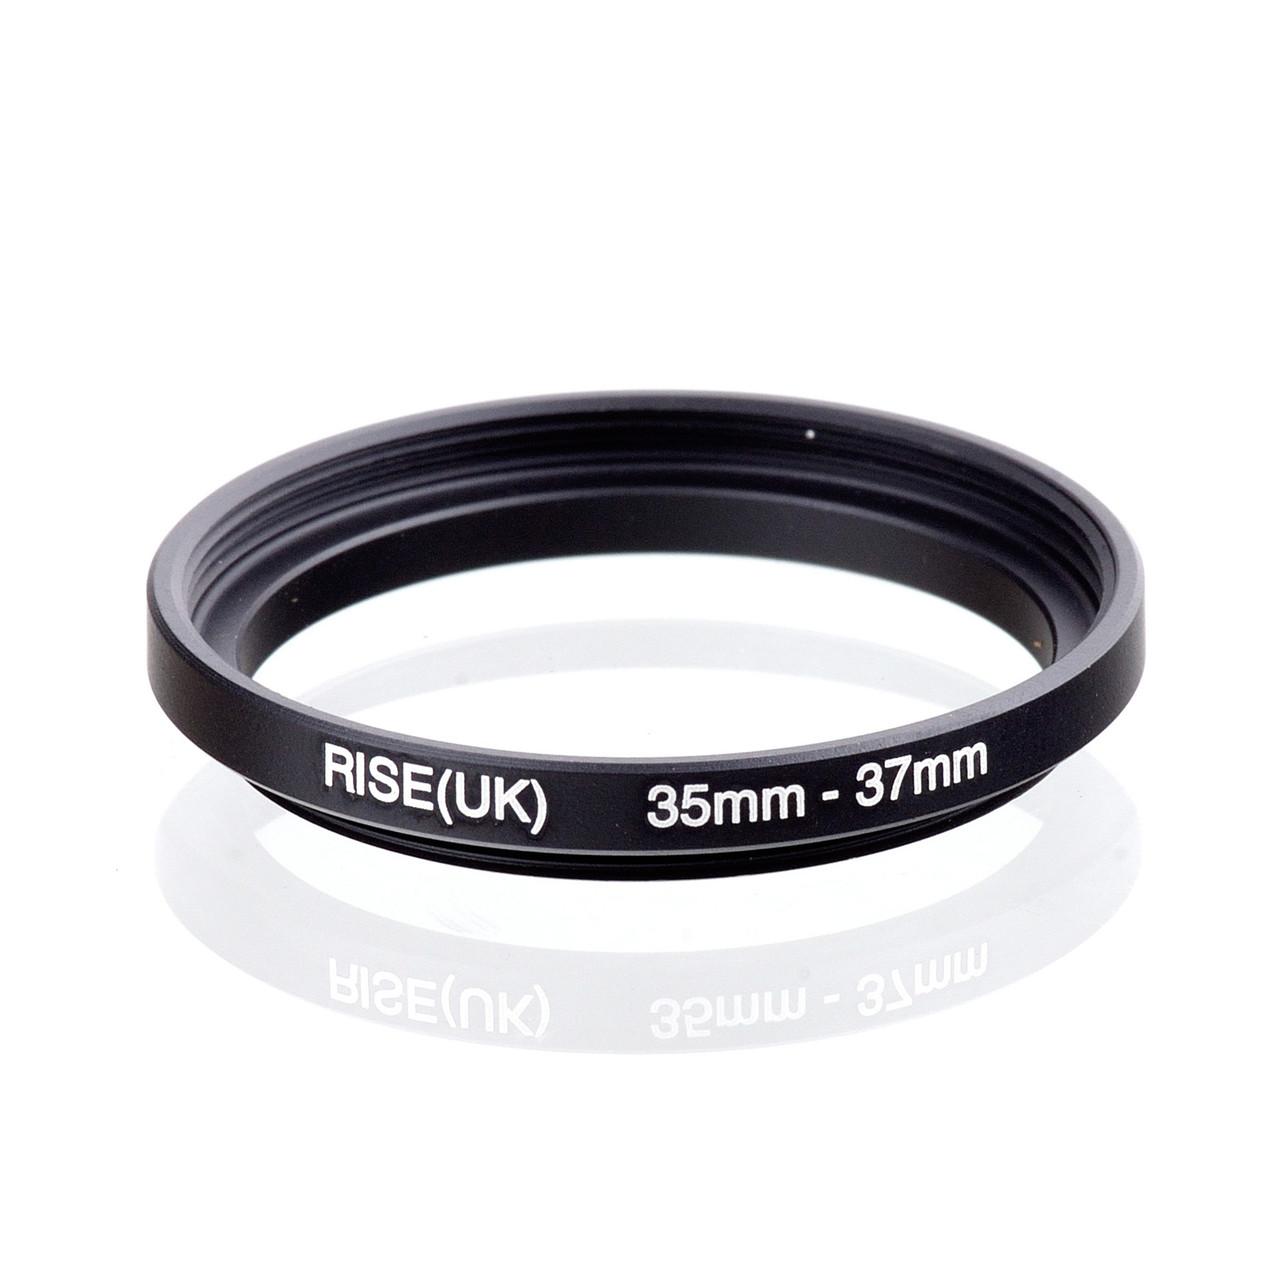 Переходное повышающее кольцо Step-Up (35-37 mm)